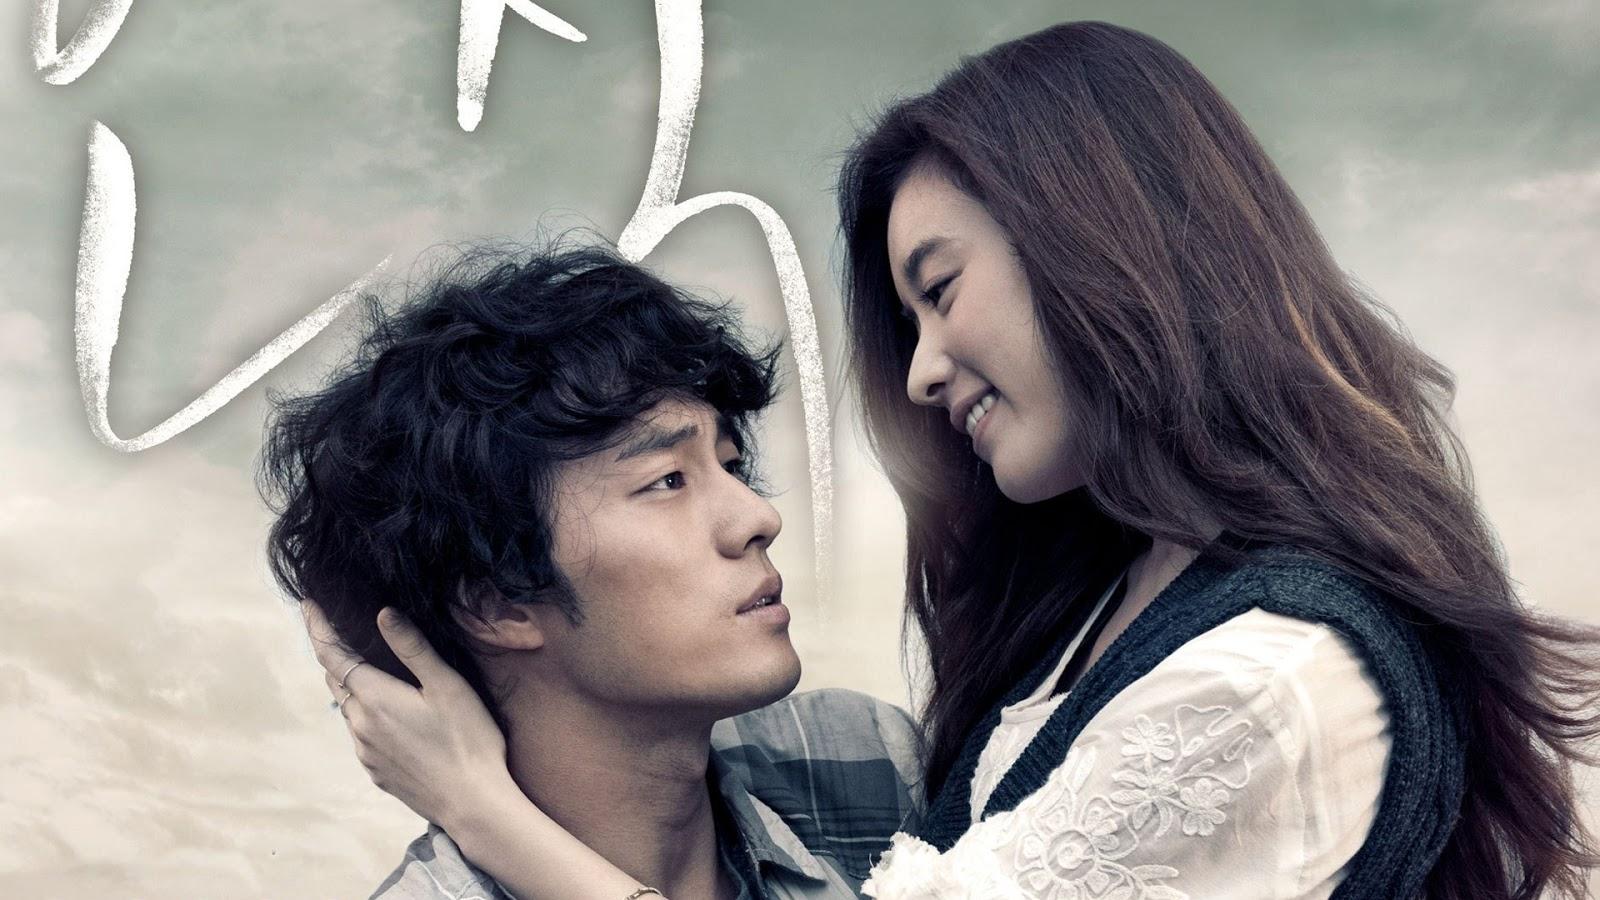 Korea teenage movie, tied deep dildo